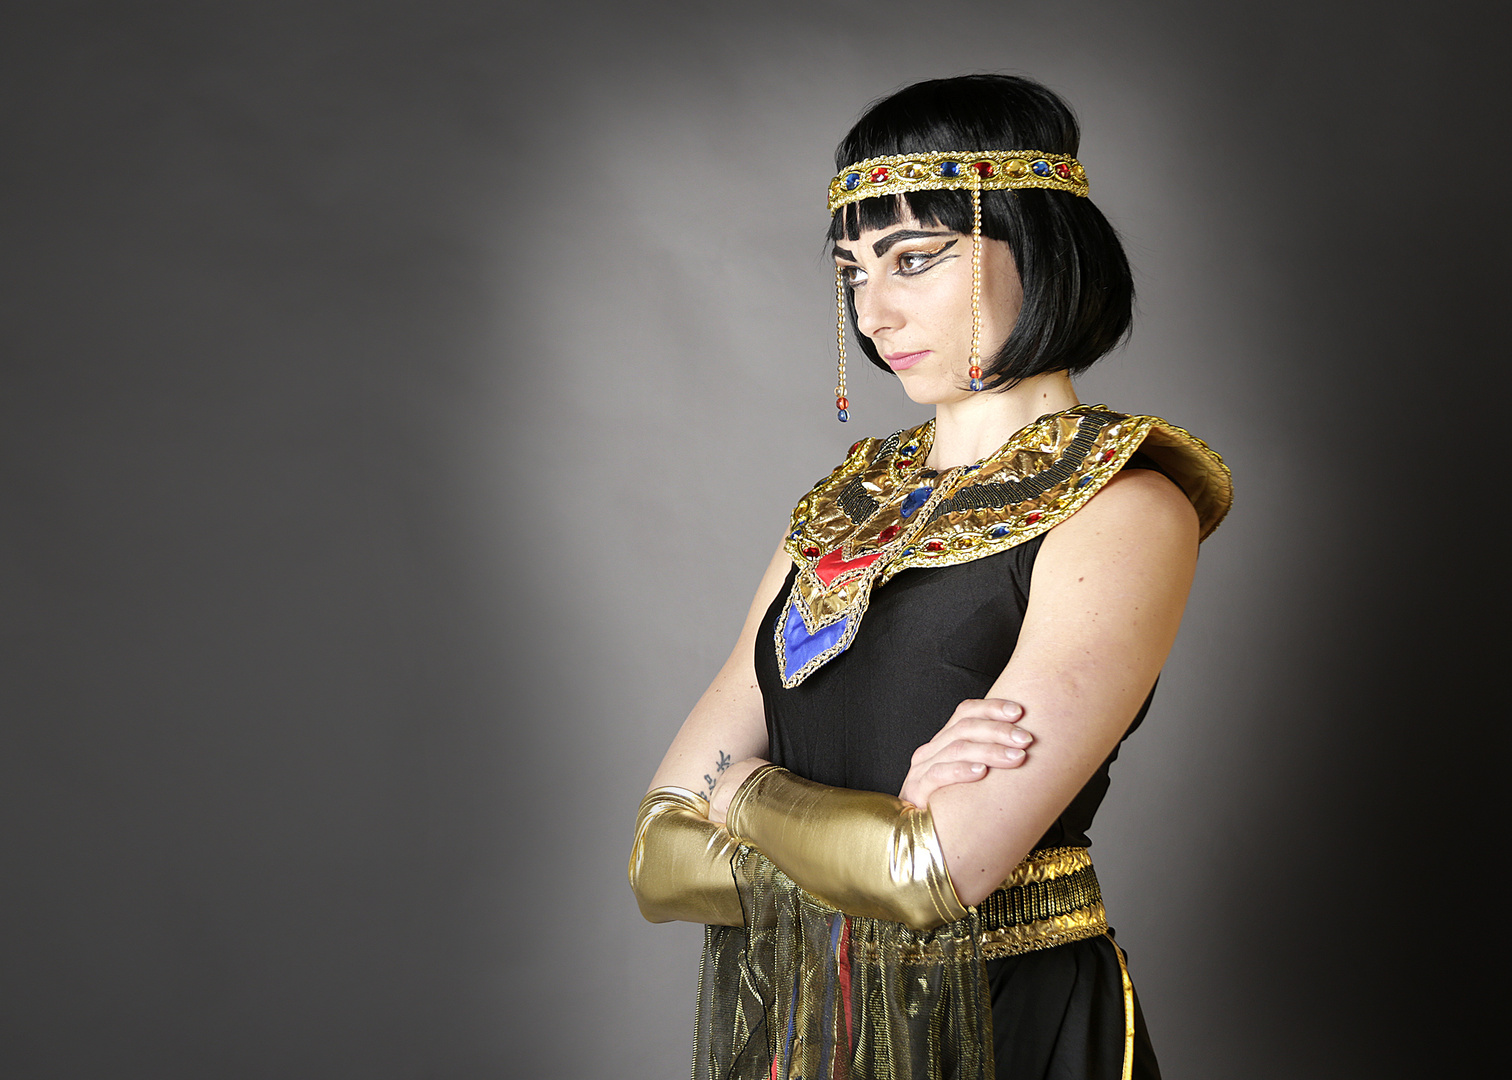 Convaincante en reine d'Egypte...?